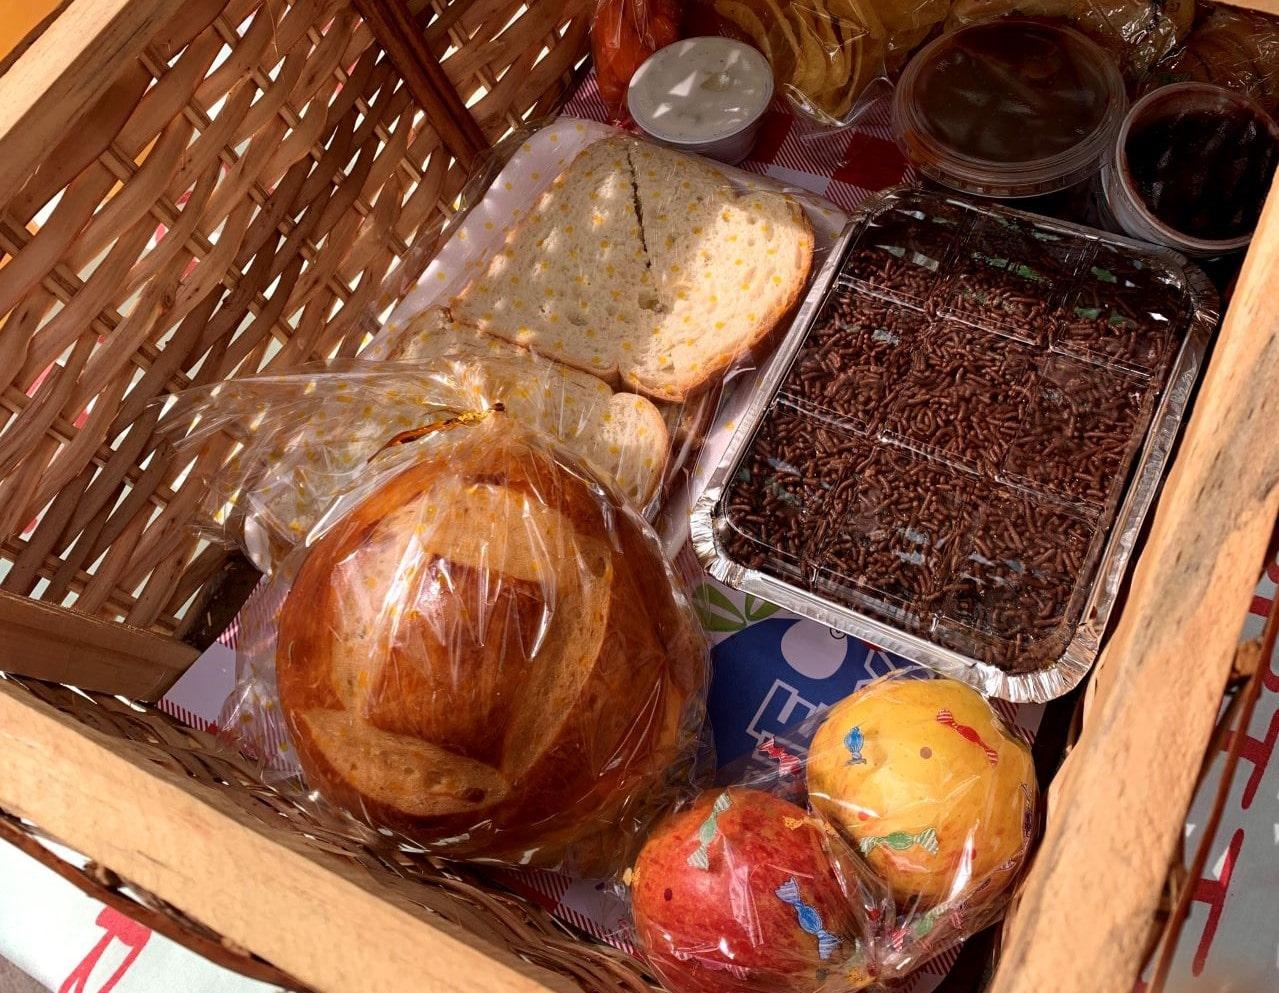 alimentos dentro de uma cesta de vime